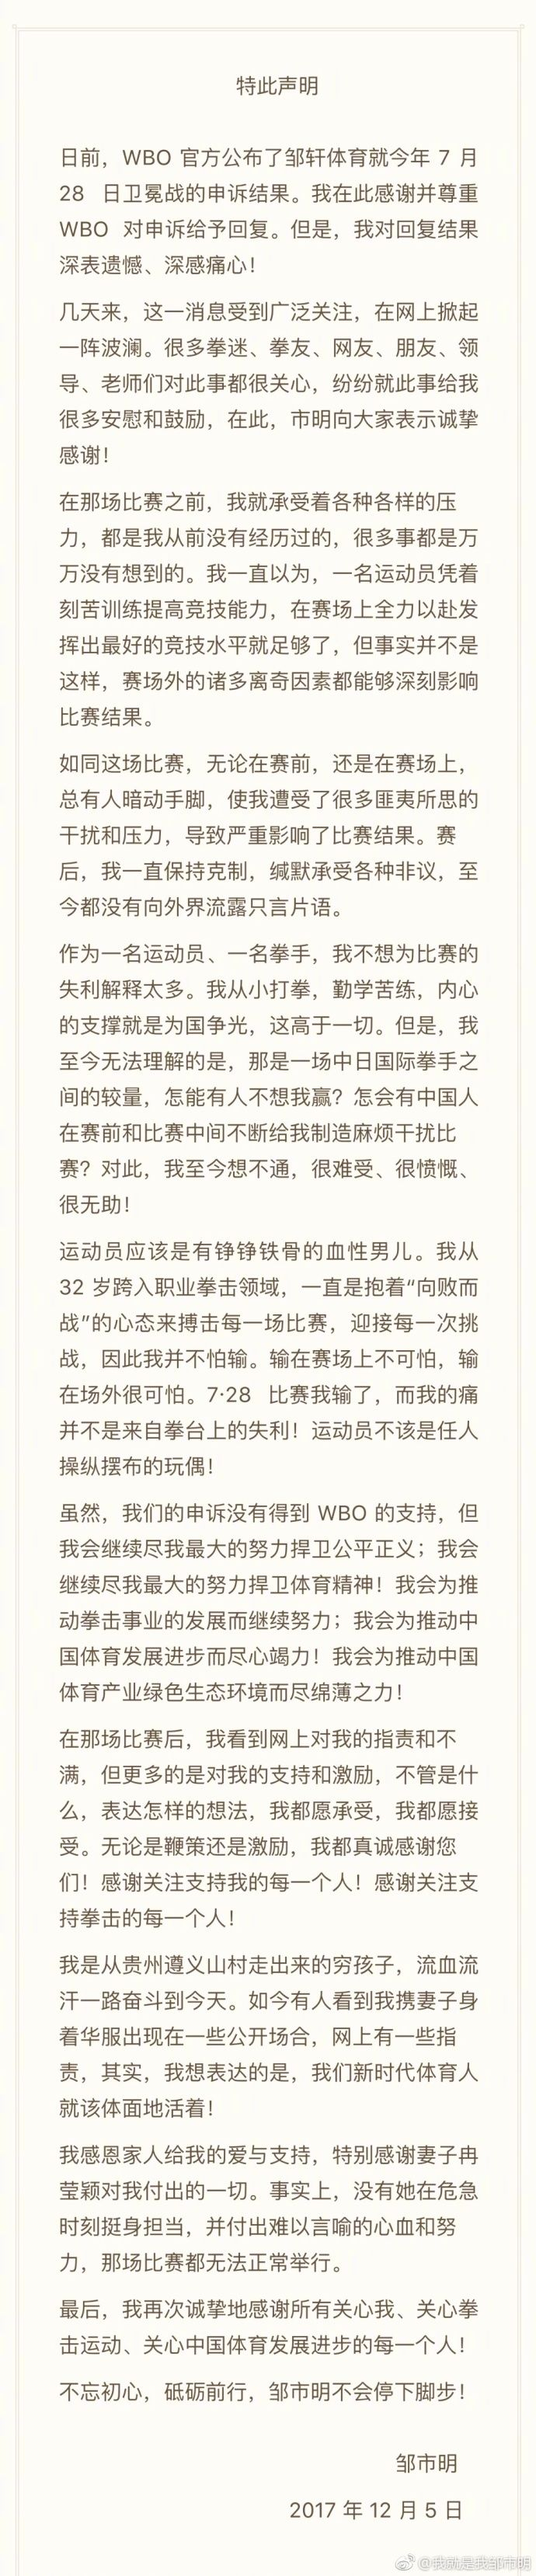 邹市明回应上诉再次失败:卫冕战被人暗动手脚